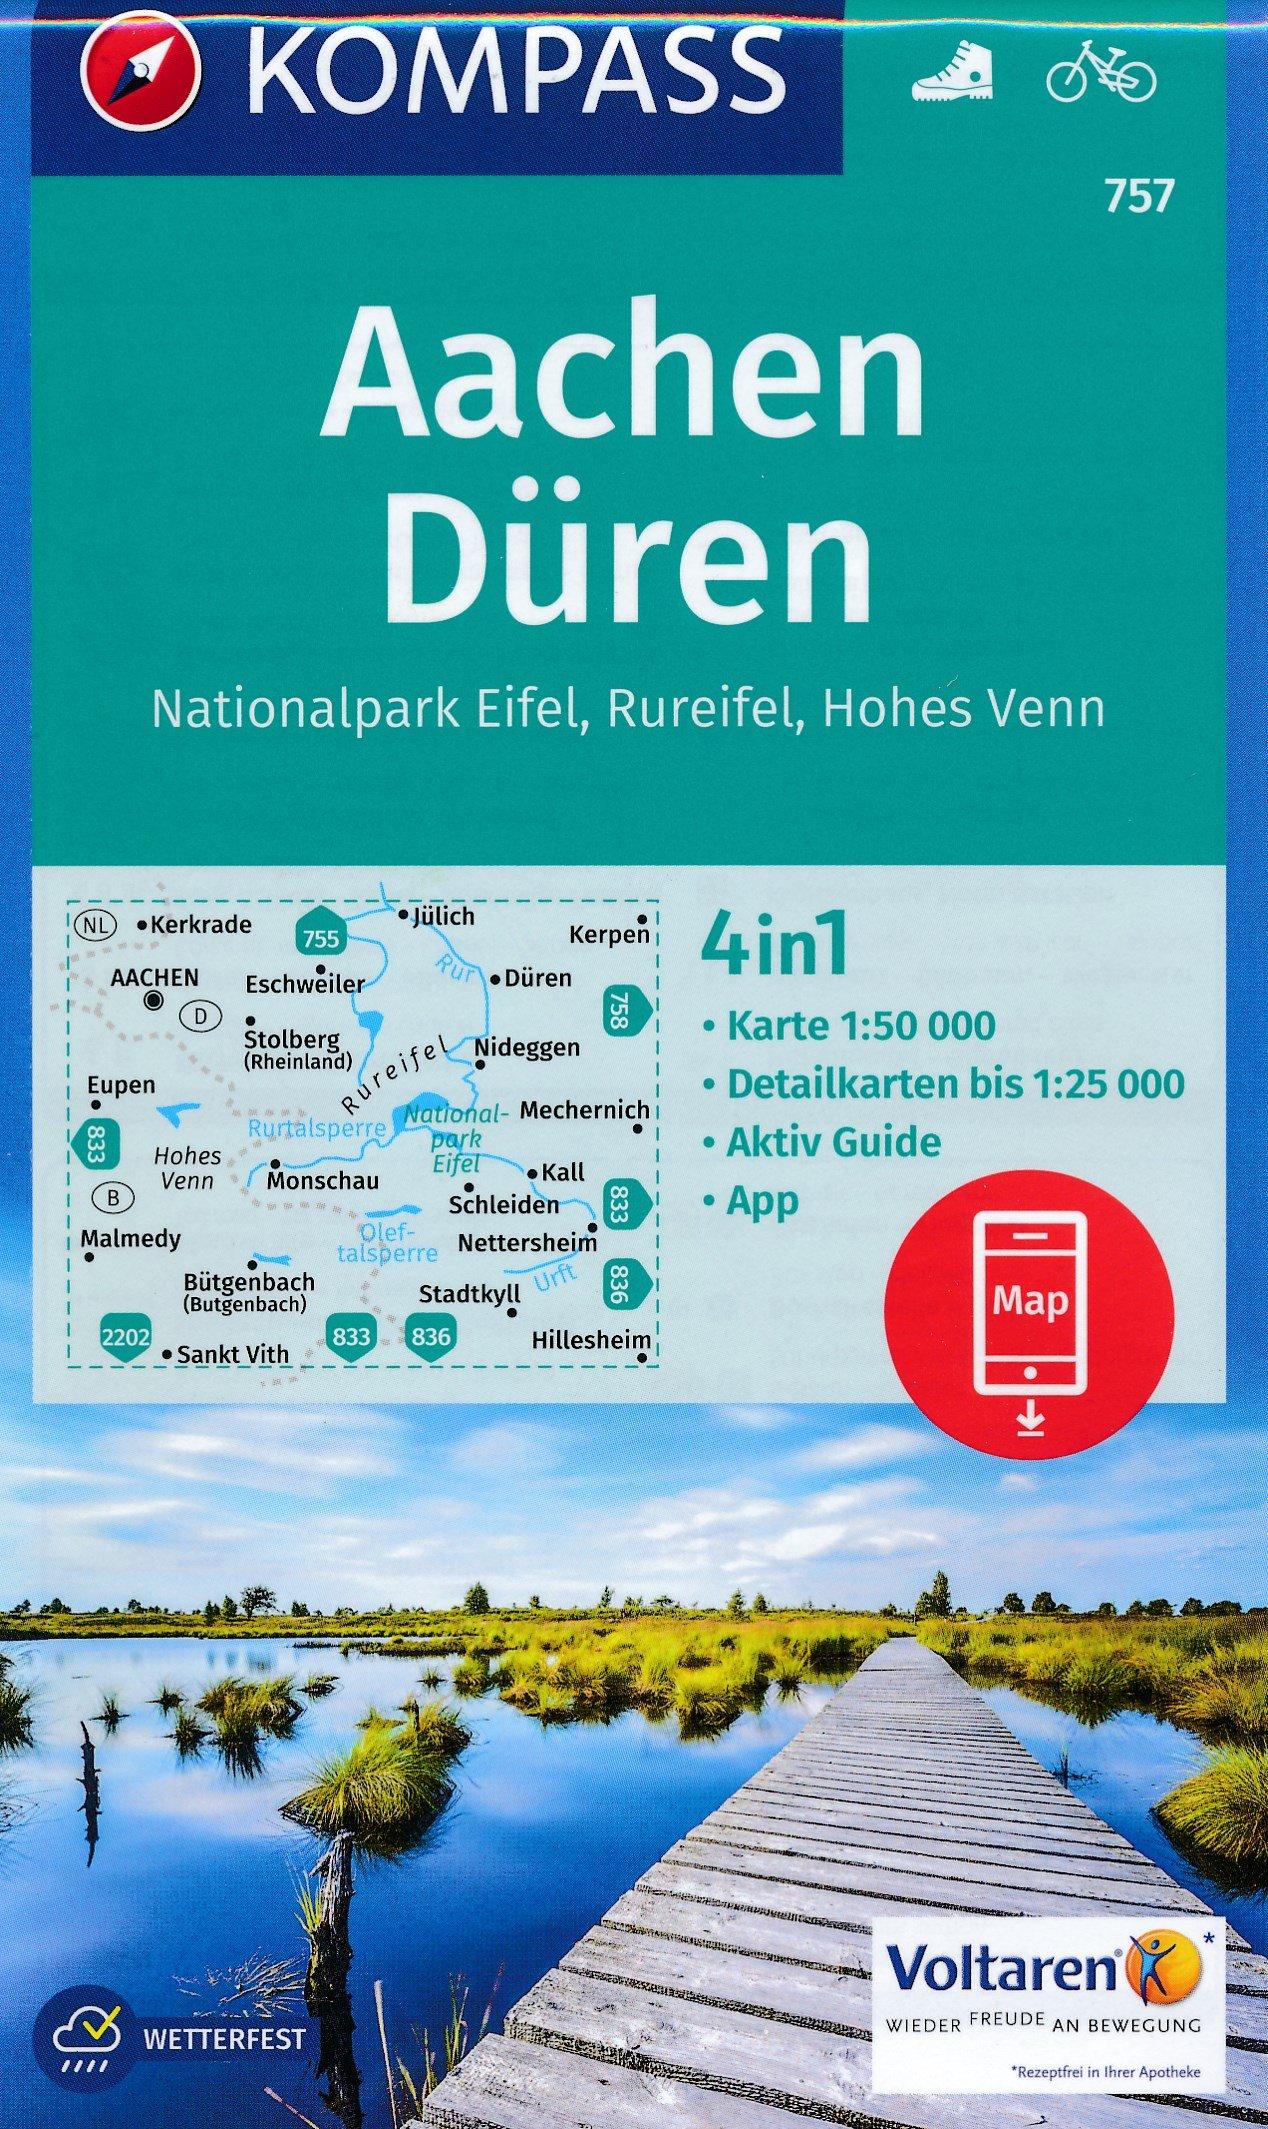 KP-757 Aachen Drielandenpunt | Kompass wandelkaart 9783990442722  Kompass Wandelkaarten   Wandelkaarten Eifel, Moezel, Rheinland-Pfalz